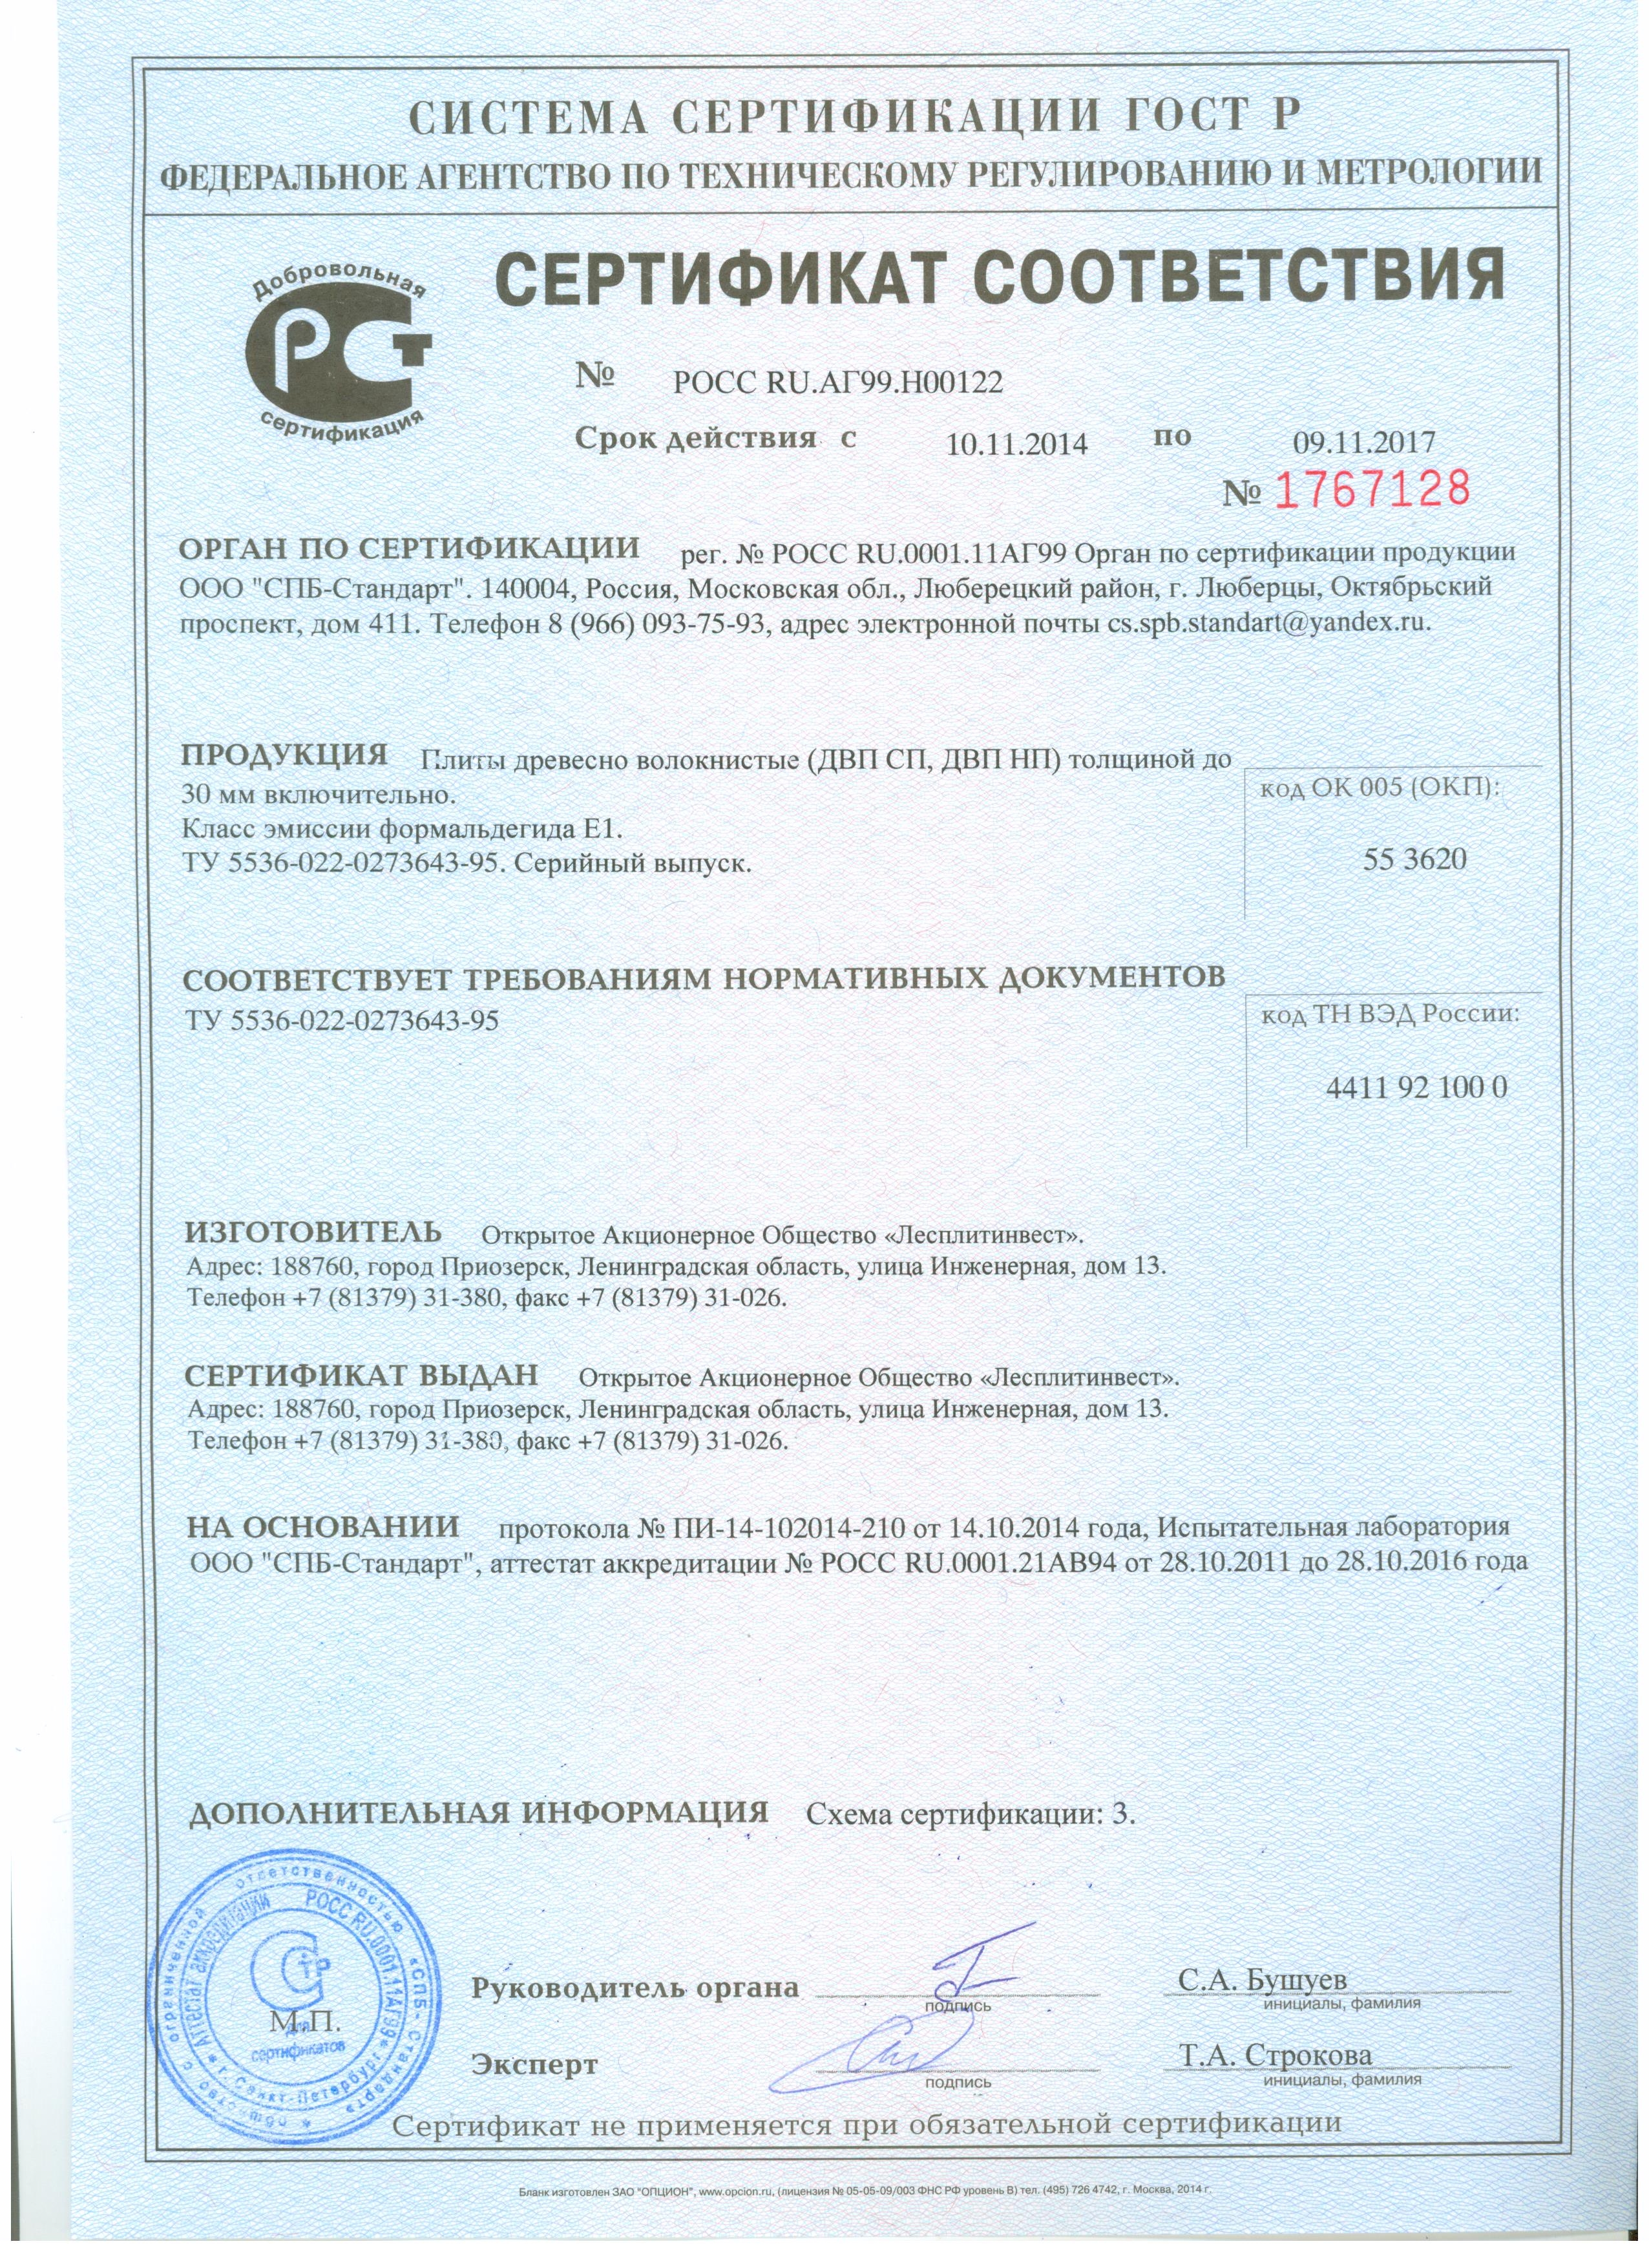 Сертификация дверных деревянных блоков курсы кадрового делопроизводства с получением сертификата